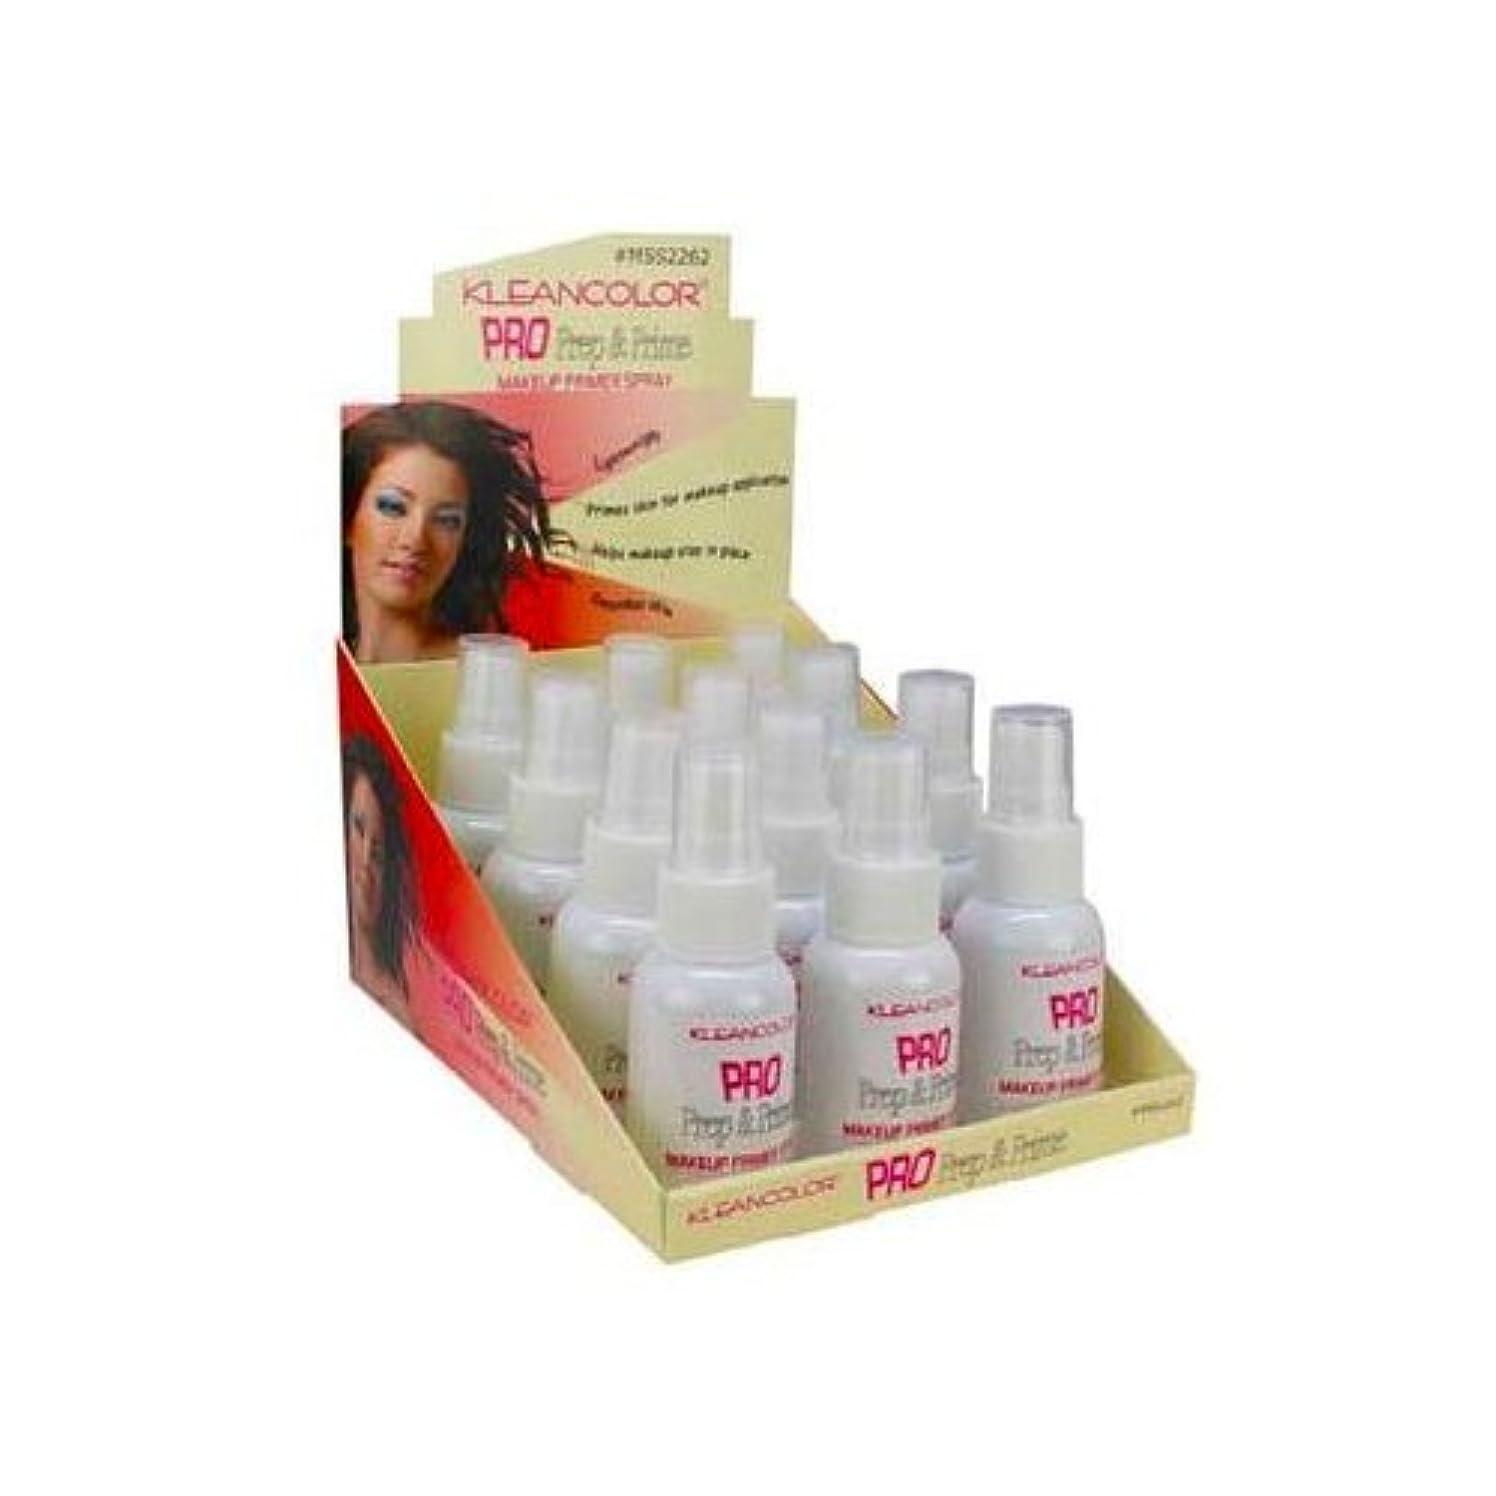 将来の生む補体KLEANCOLOR Pro Prep and Prime - Makeup Primer Spray (並行輸入品)